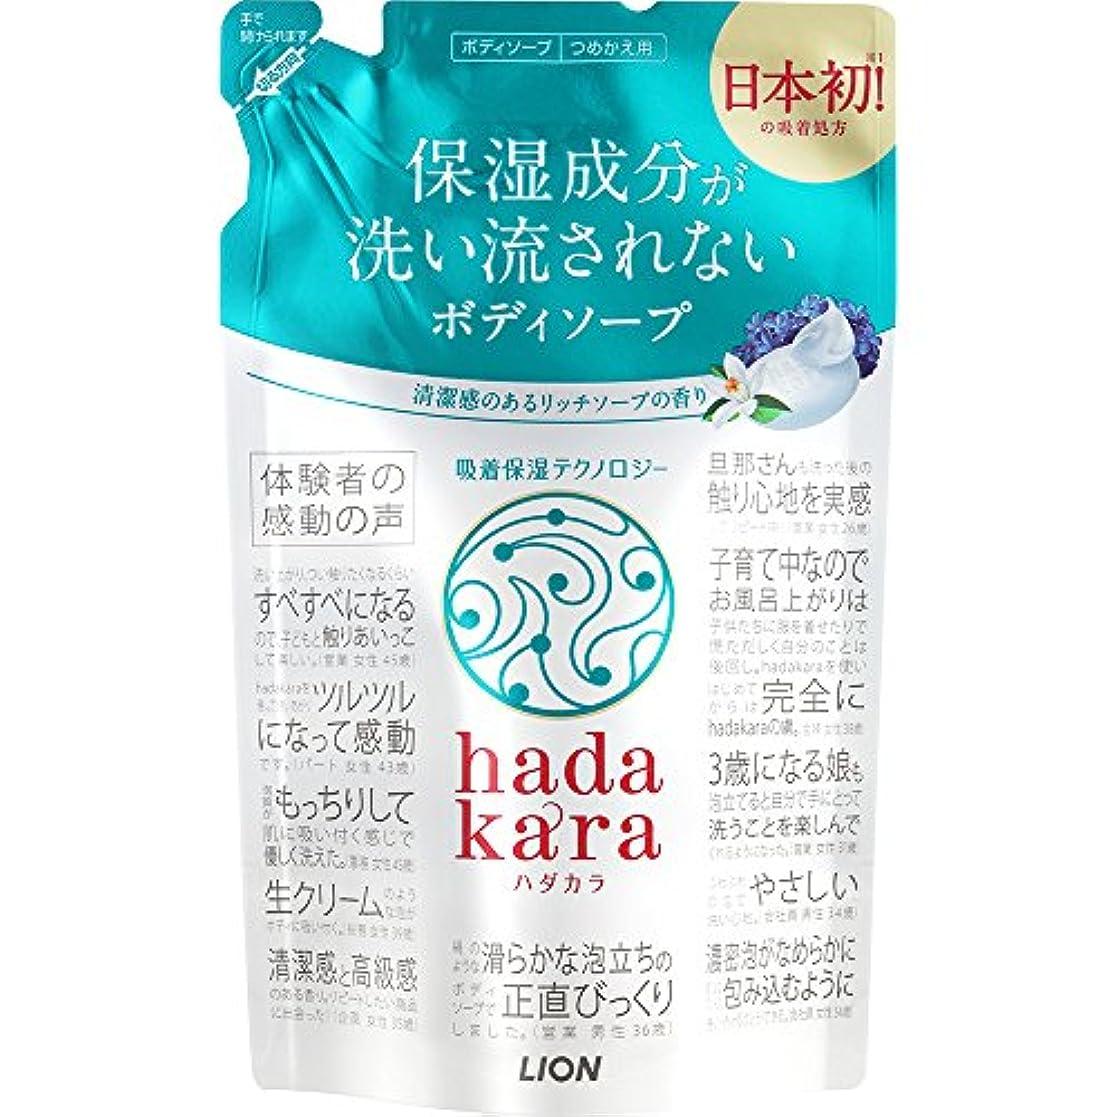 ボス正統派神社hadakara(ハダカラ) ボディソープ リッチソープの香り 詰め替え 360ml